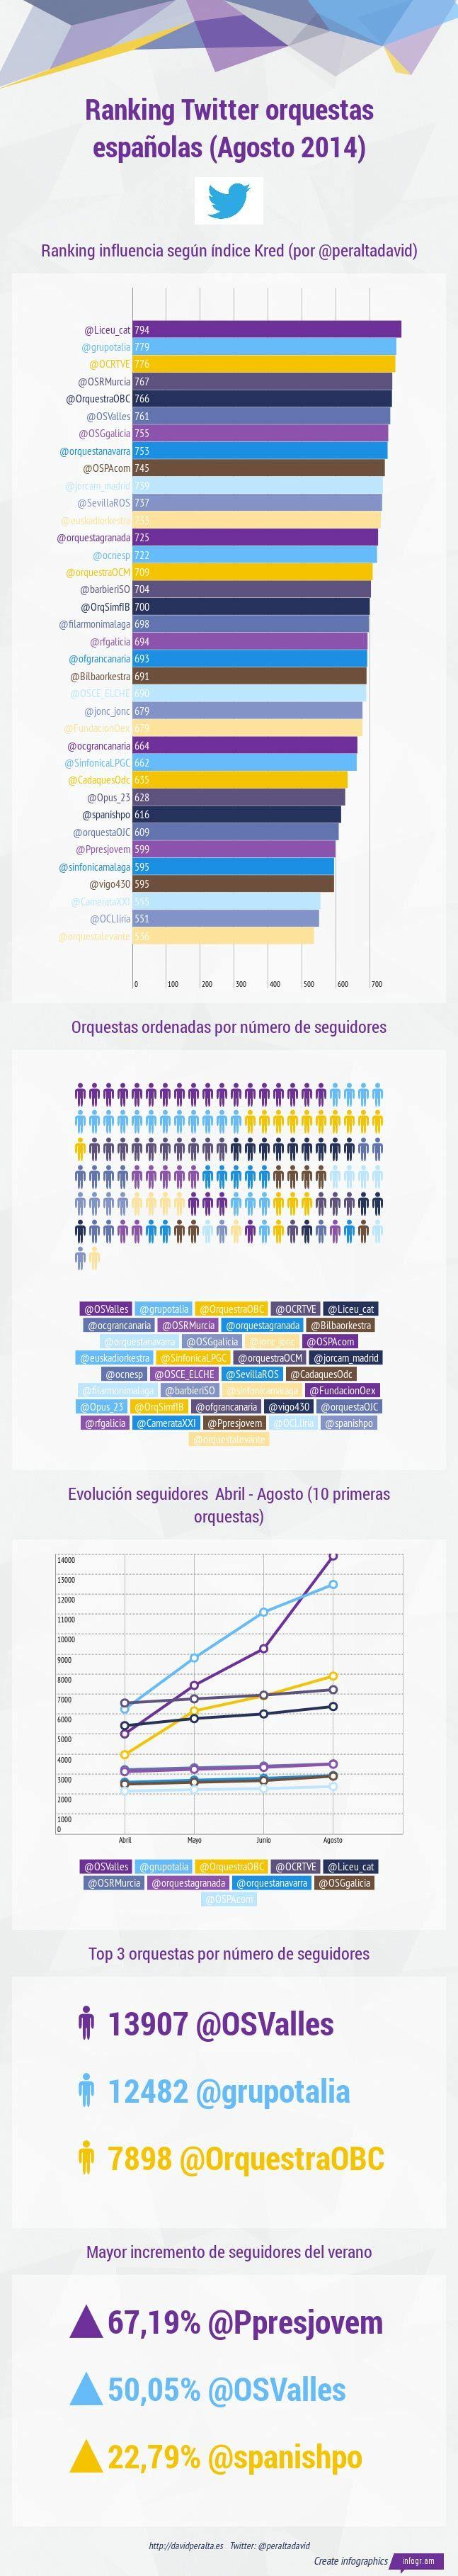 ranking orquestas españolas Twitter Agosto 2014